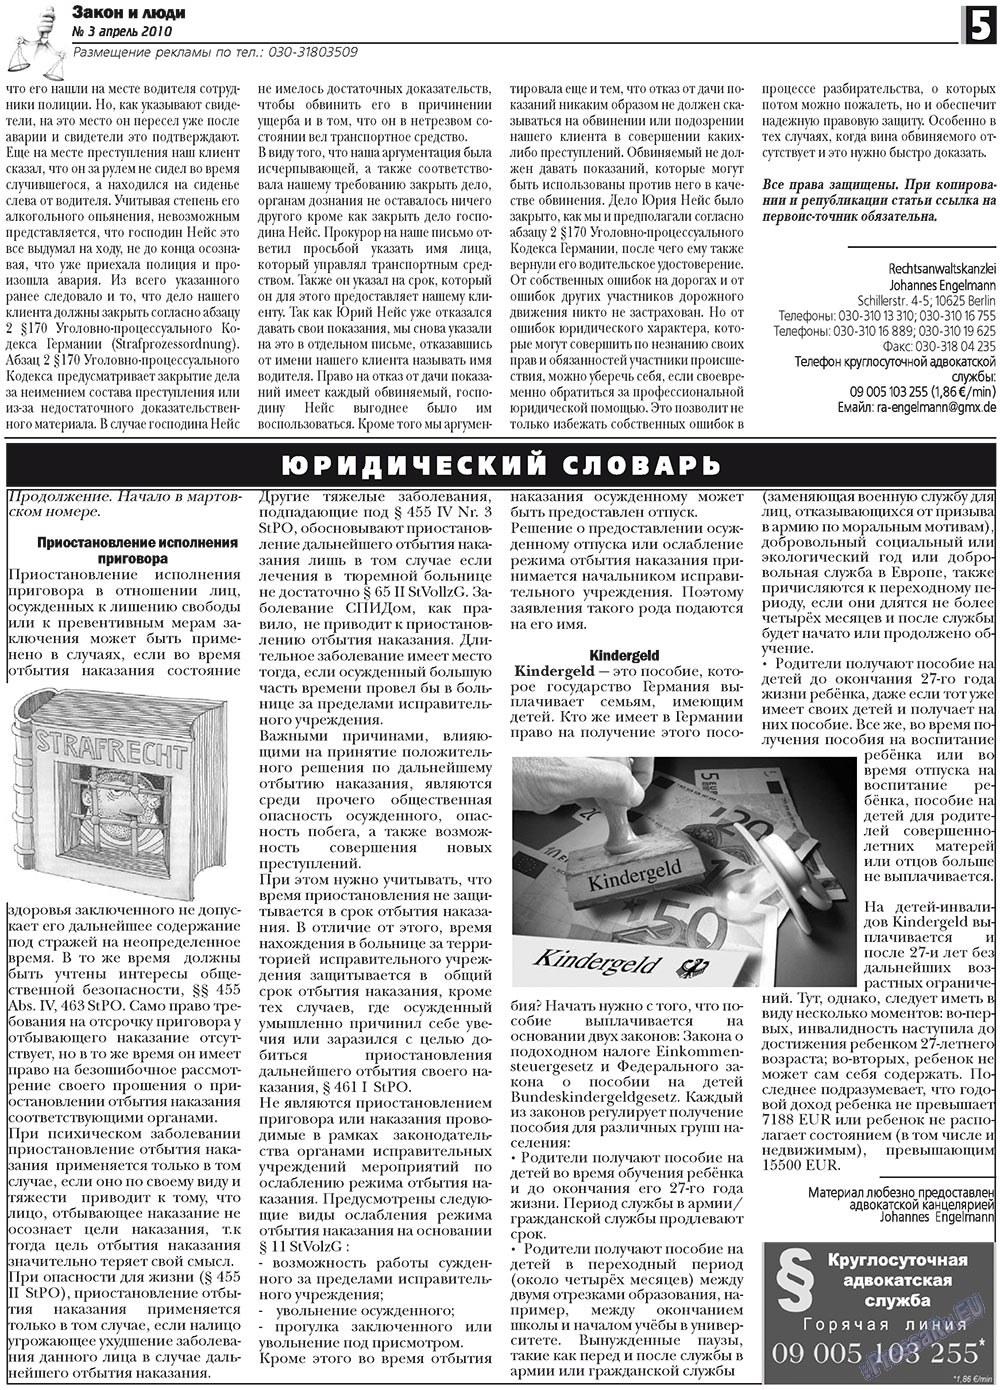 Закон и люди (газета). 2010 год, номер 3, стр. 5